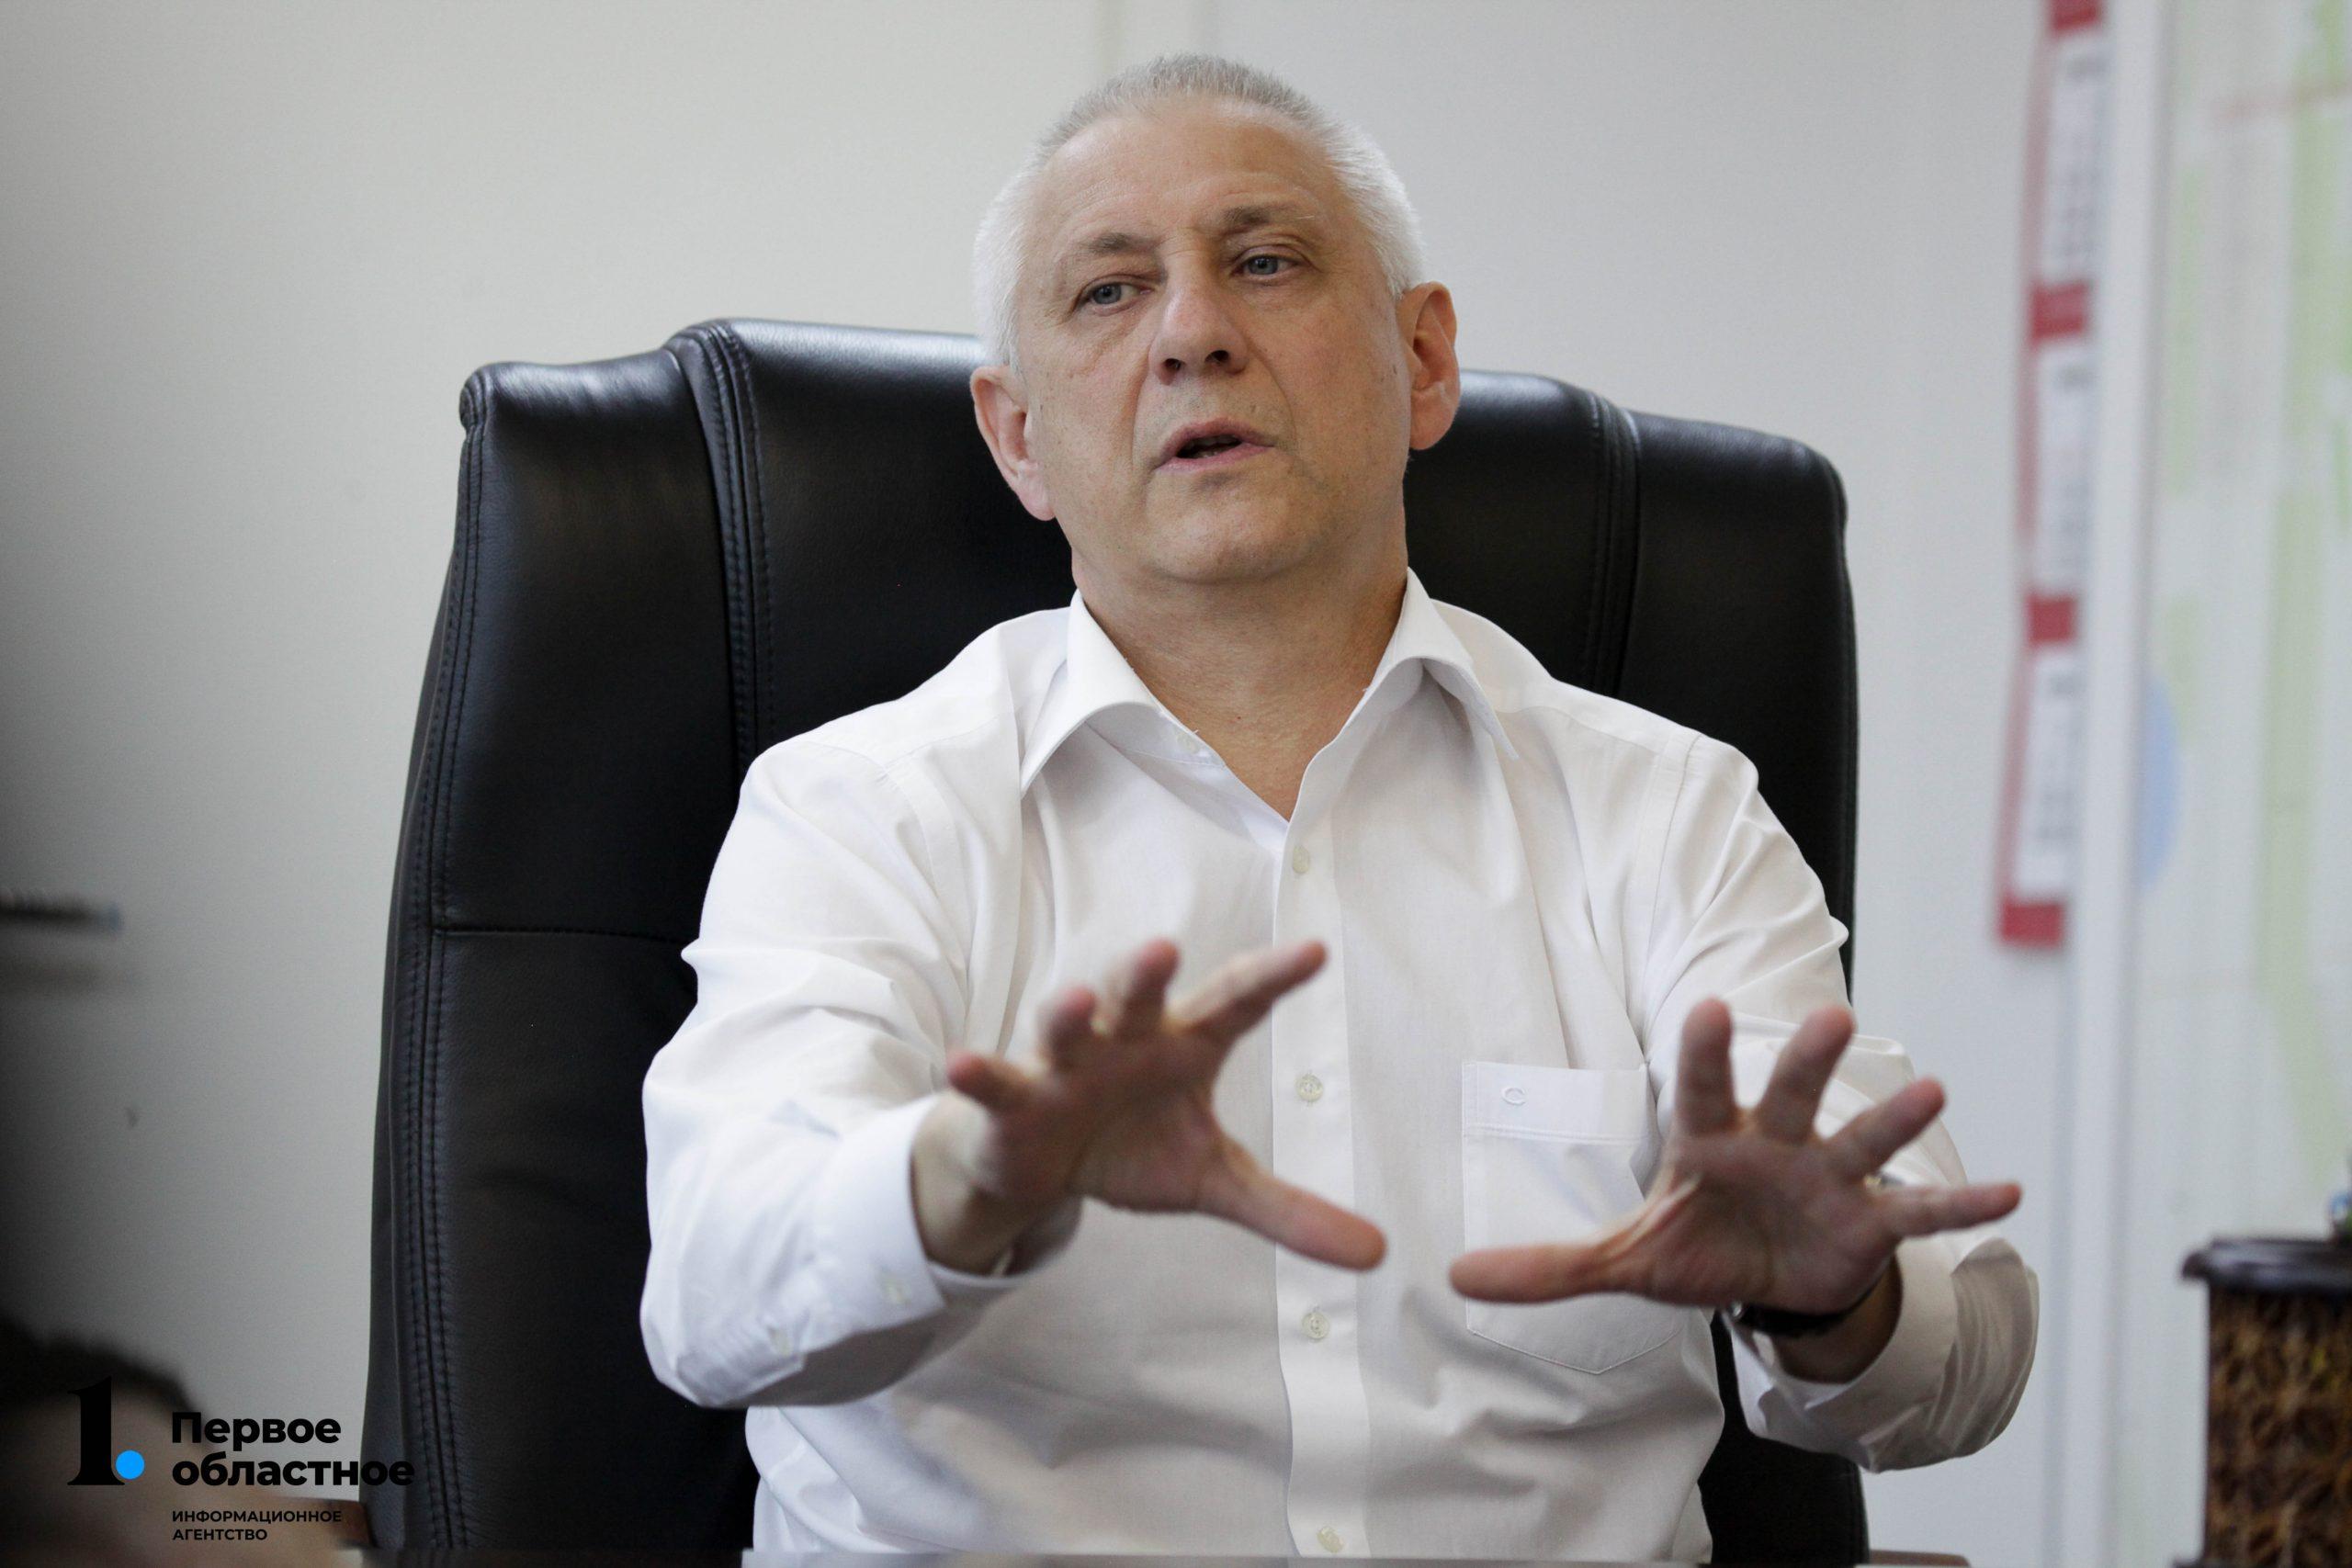 Сергей Бердников: «Зря все думают, что у магнитогорцев шнурки из арматуры»